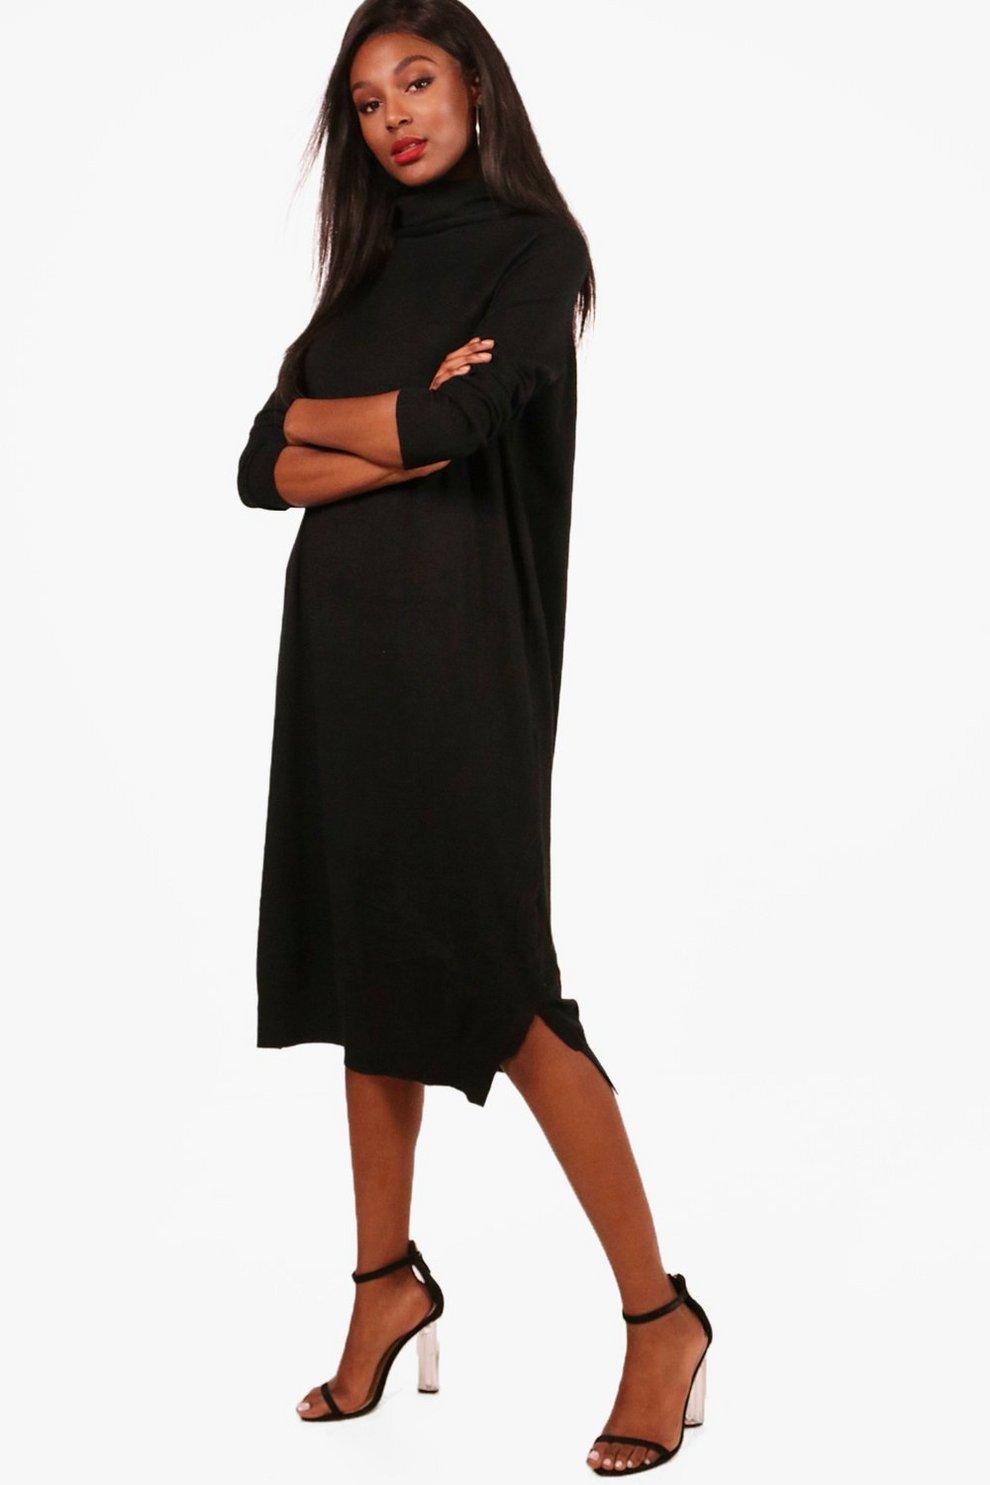 e6548cbd2352f Maisy Roll Neck Knitted Midi Dress   Boohoo